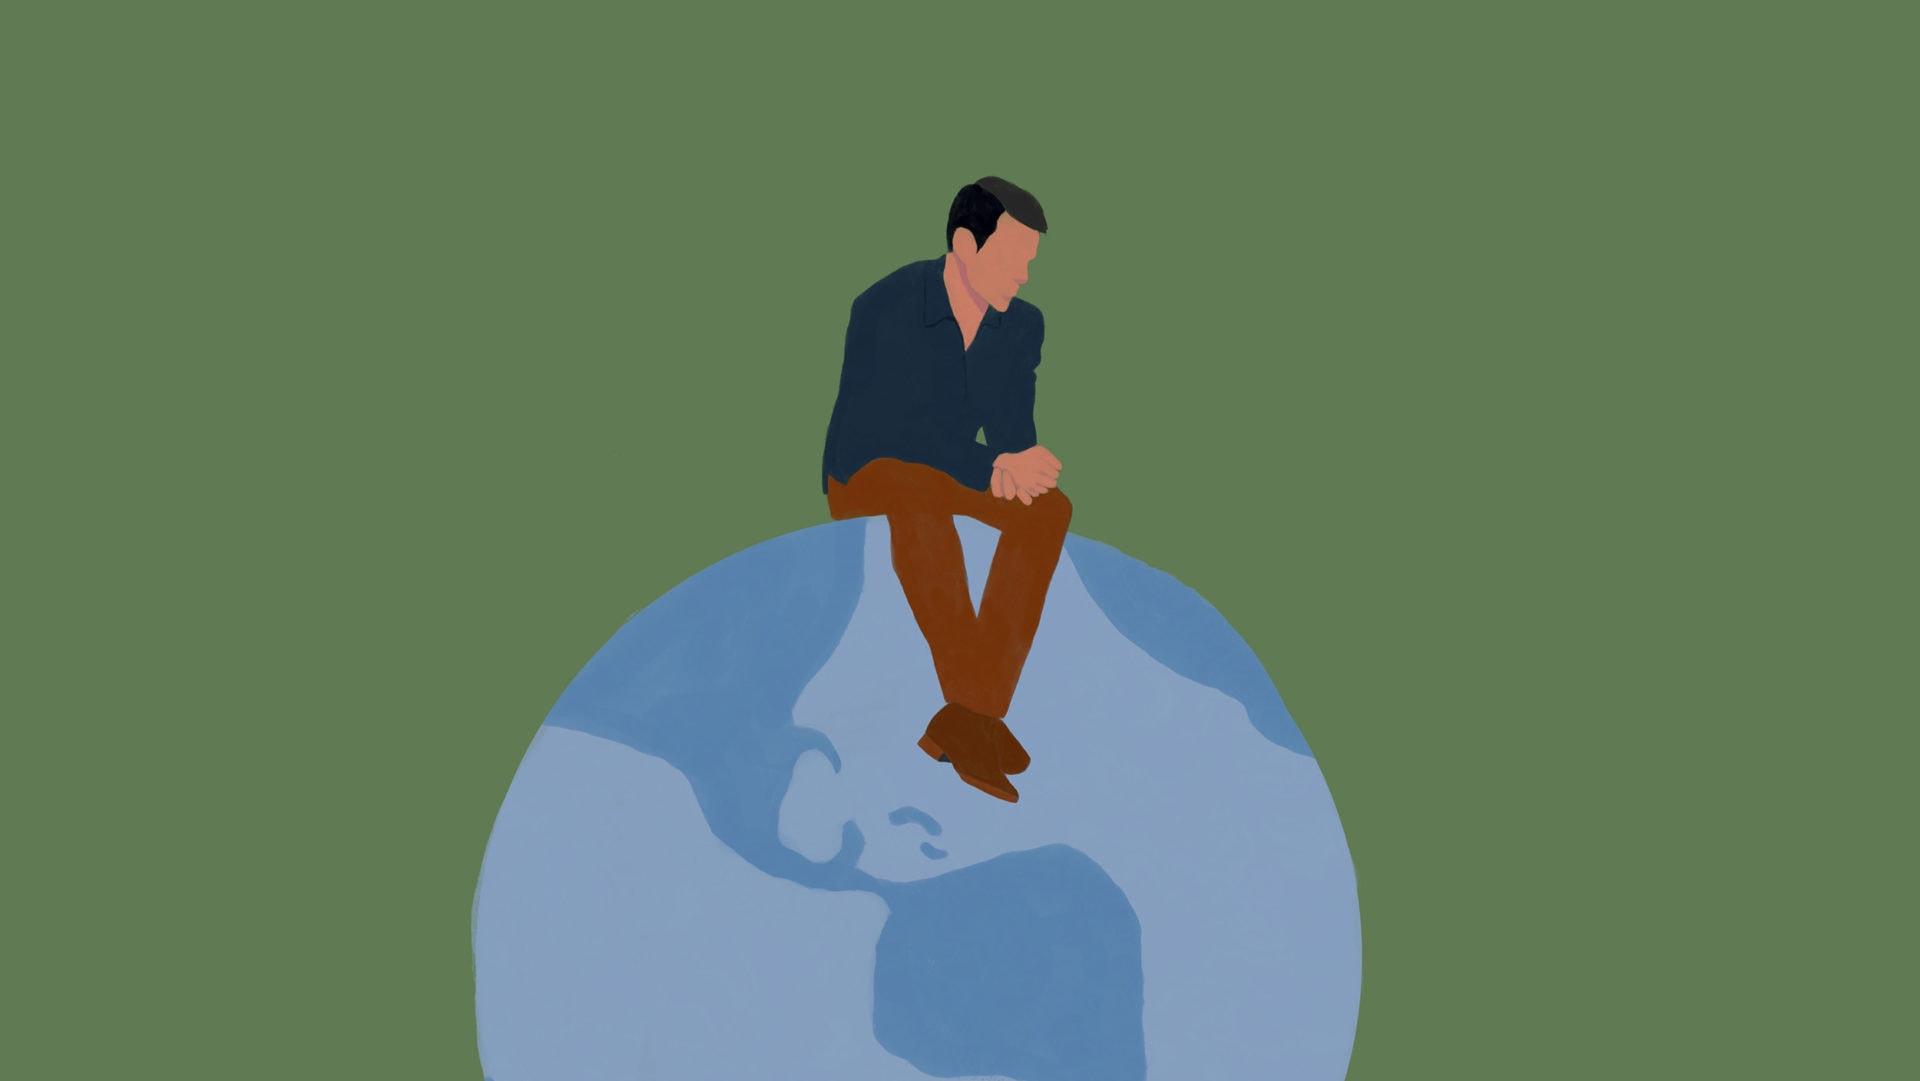 Ilustração com um homem branco sentado sobre o mundo